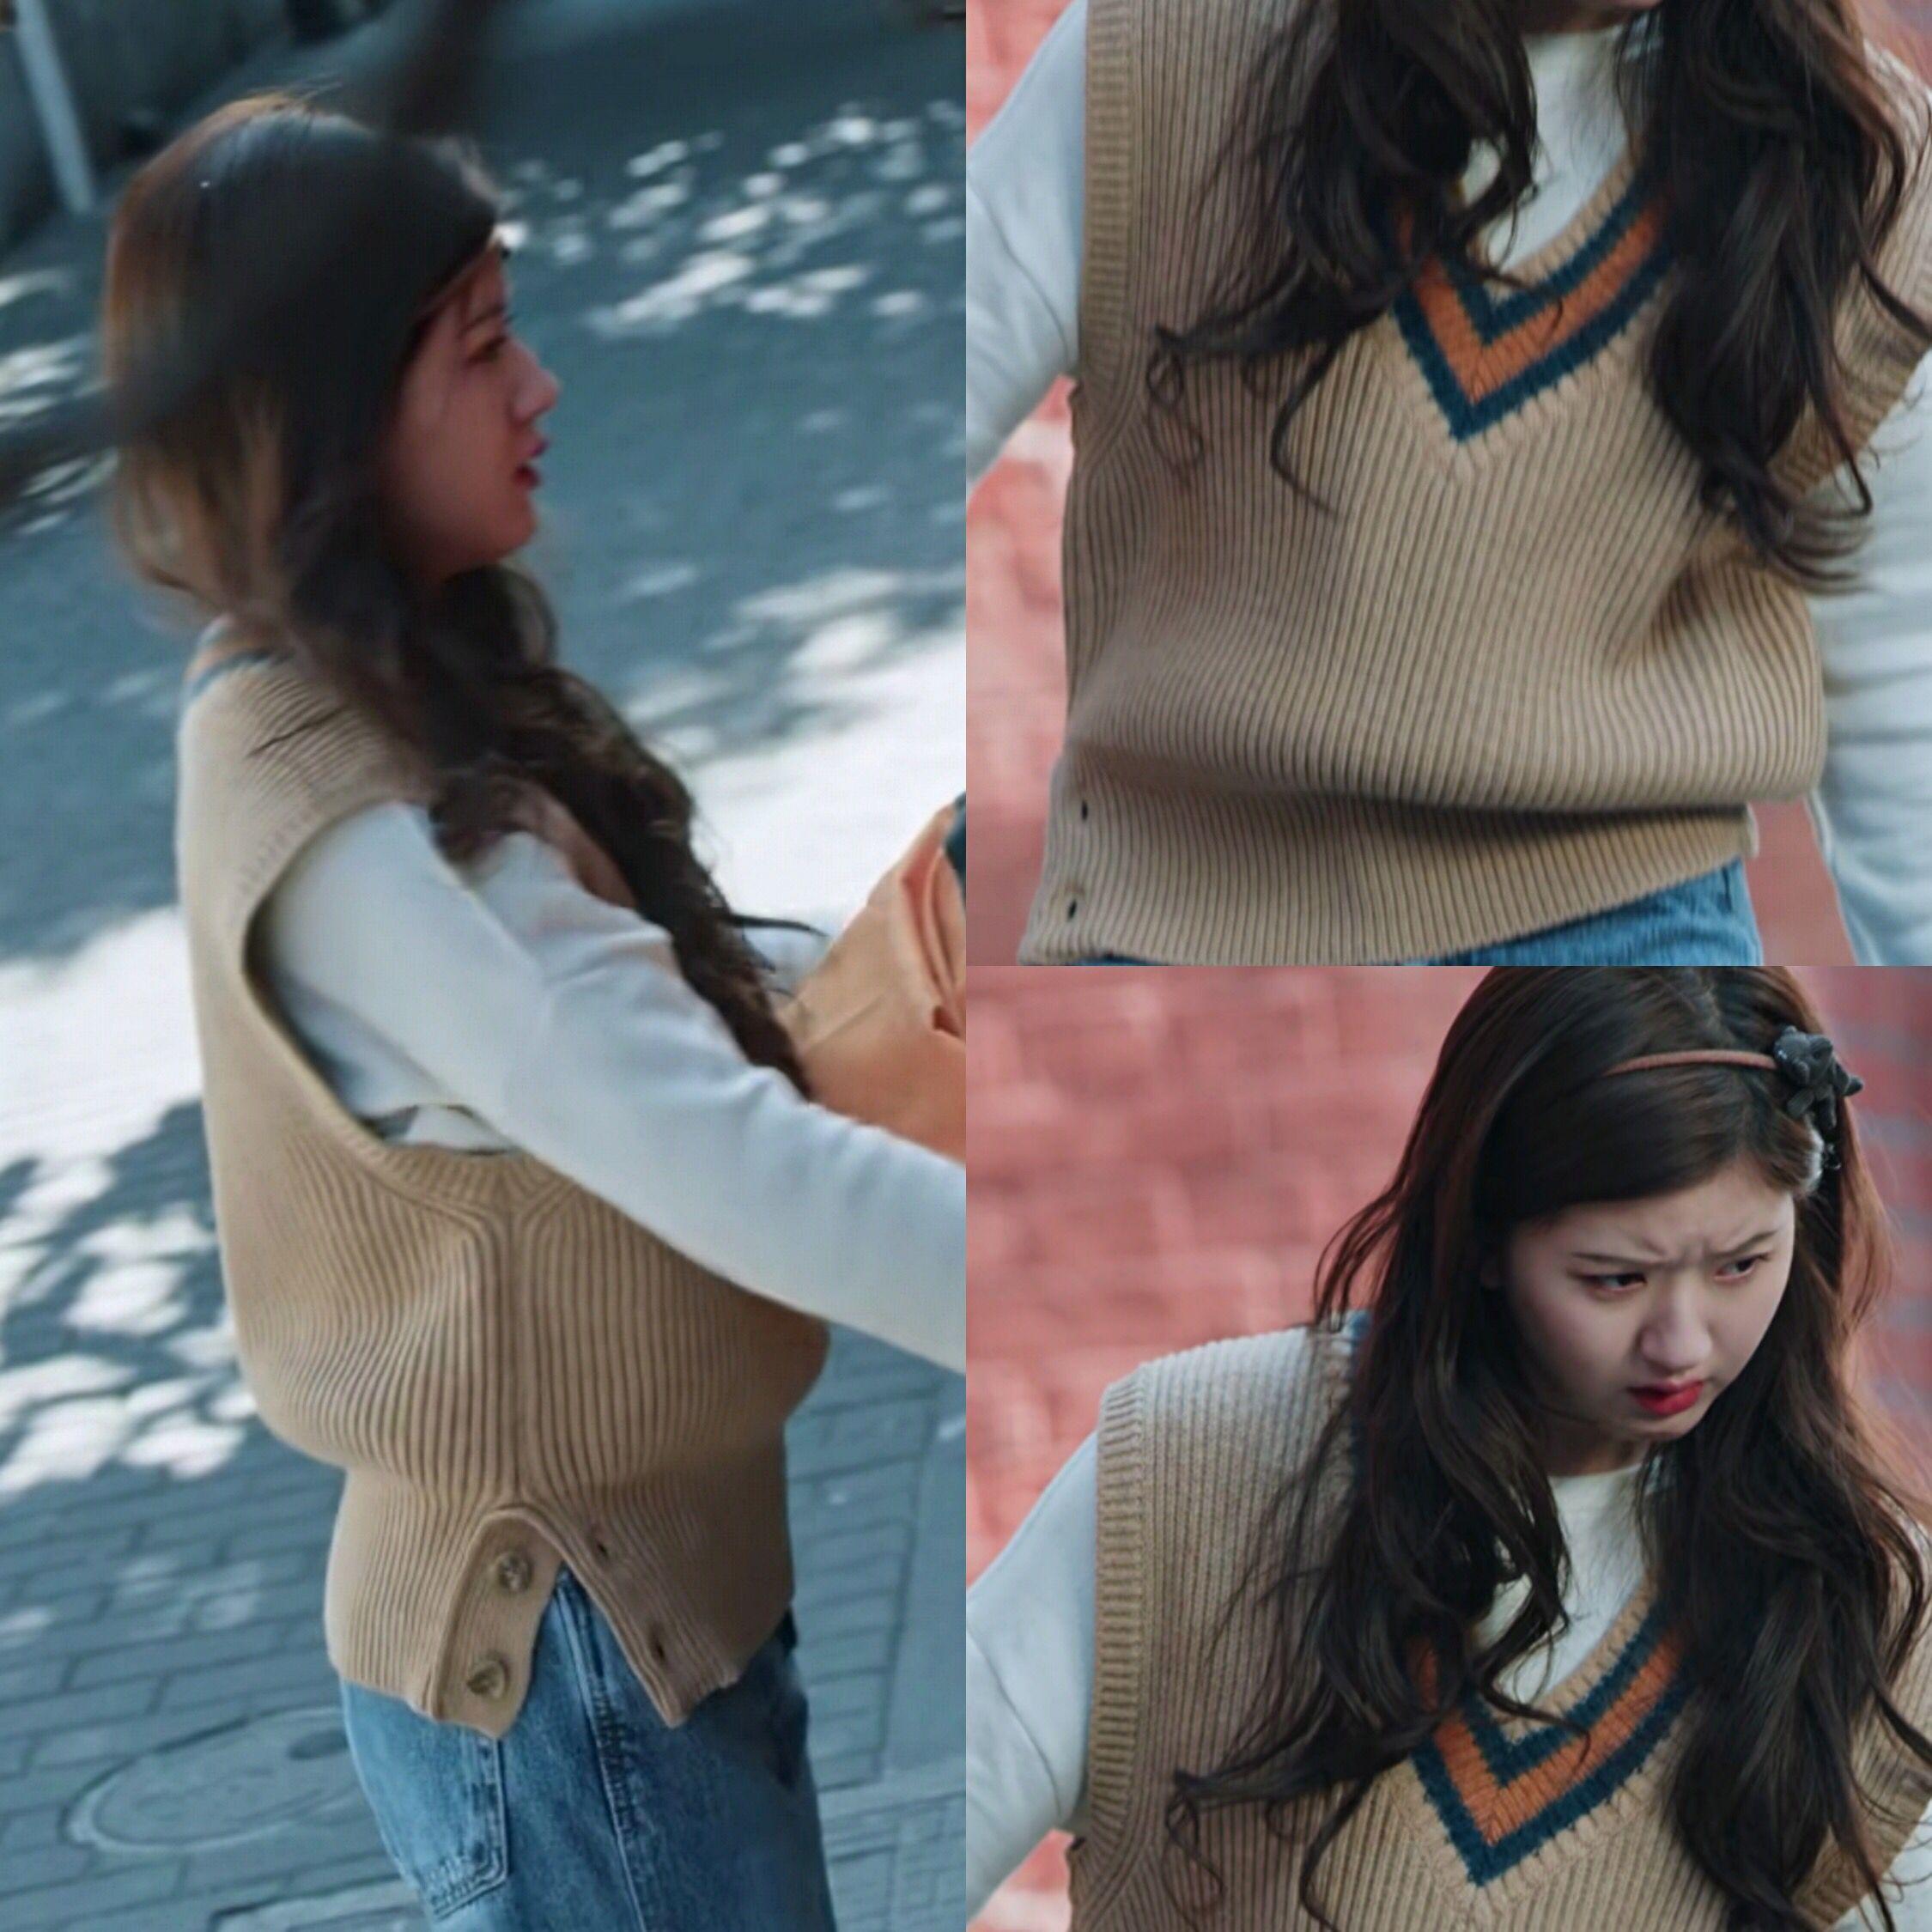 我喜欢你赵露思顾胜男同款V领套头不对称针织马甲女宽松毛衣坎肩-金谷谷服饰-